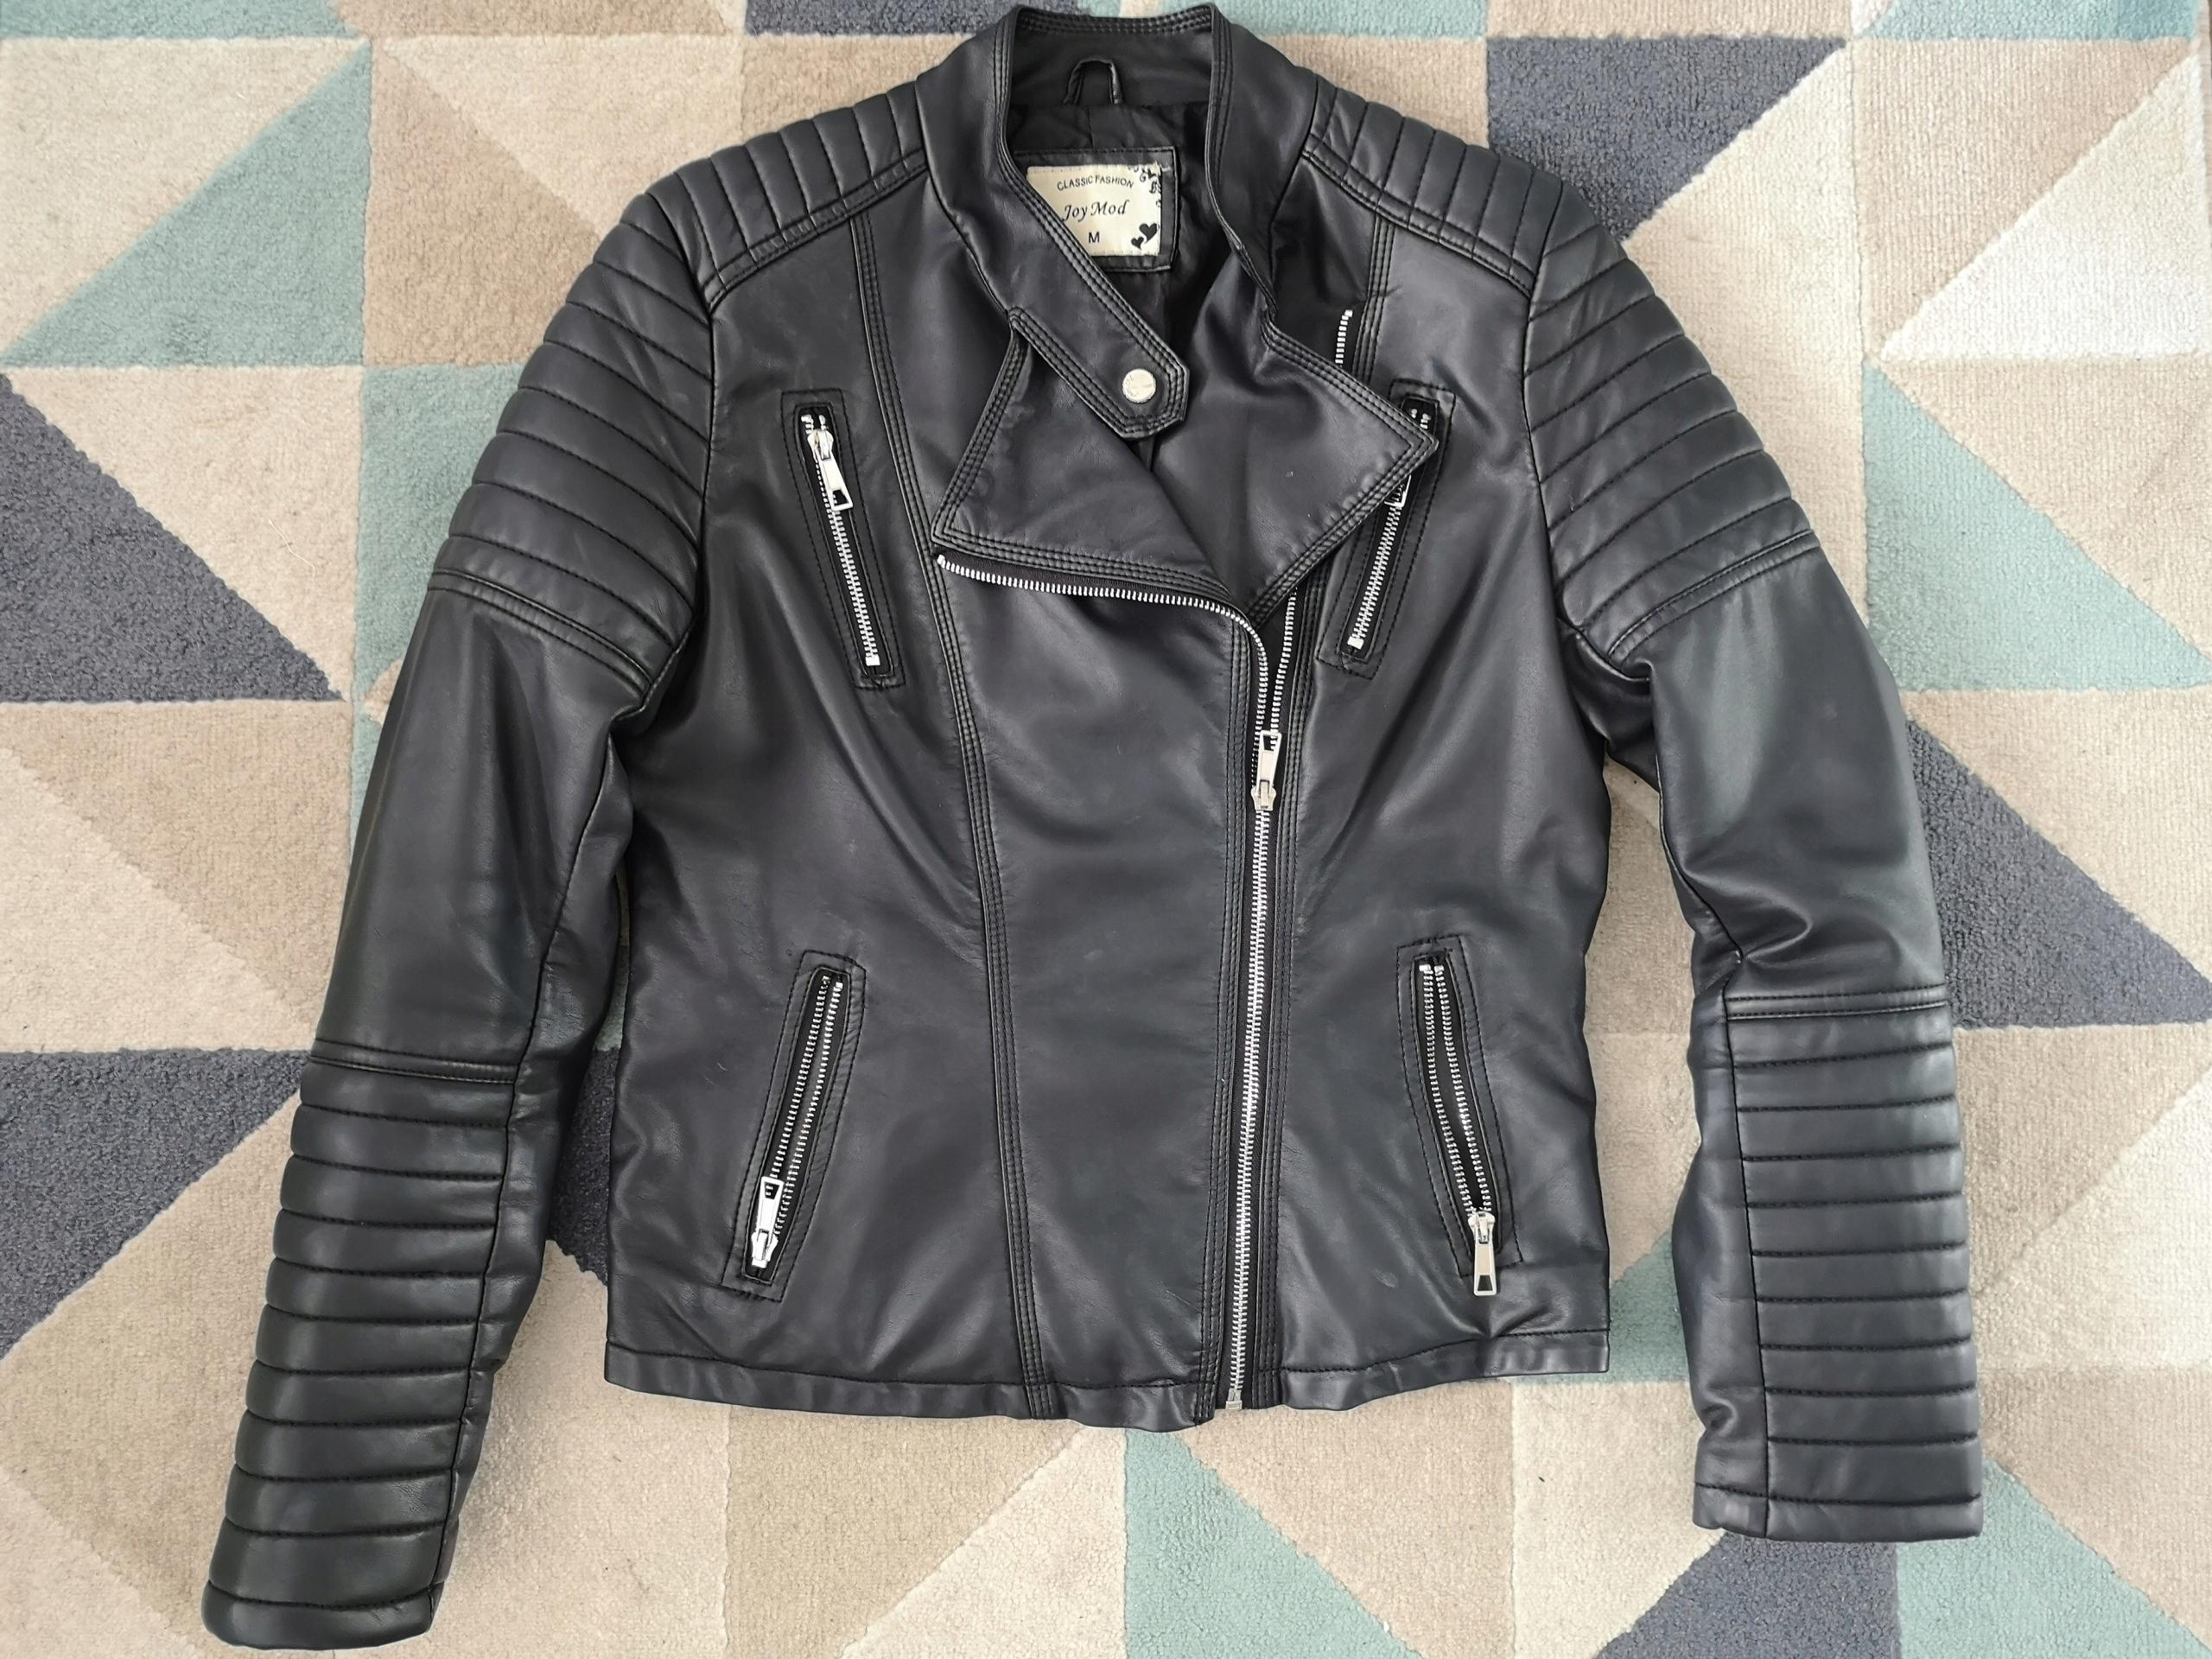 3ebab50ae232 Czarna skórzana kurtka ramoneska biker przeszycia - 7511911358 ...